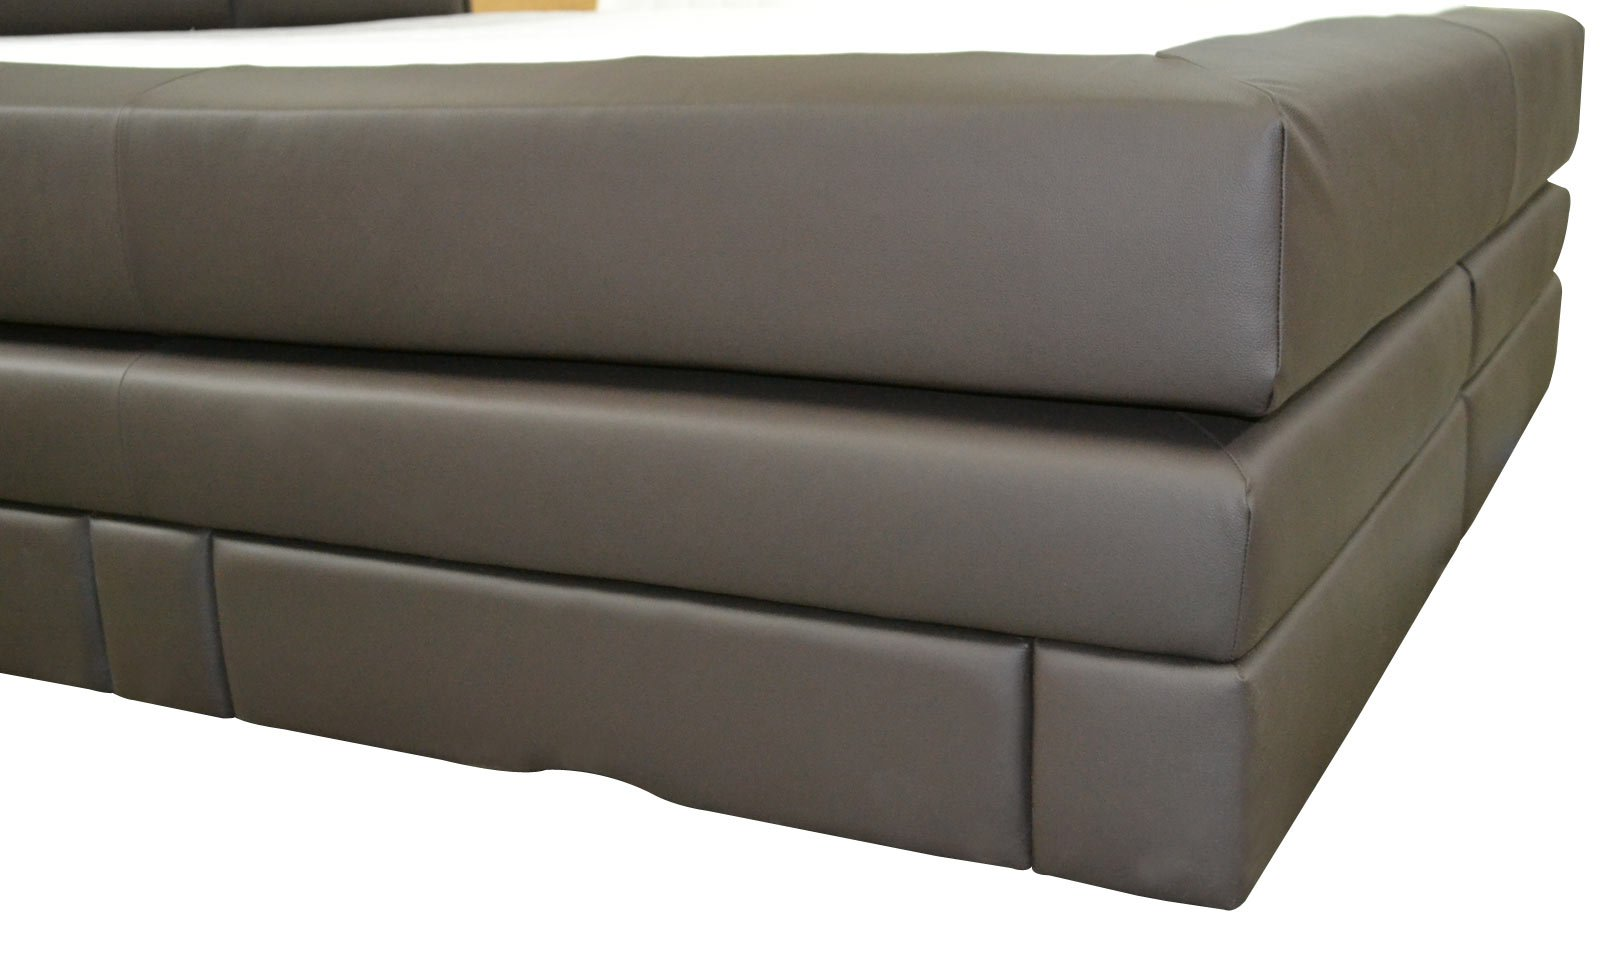 Skórzane łóżko Continental De Luxe Z Materacami 180 X 200 Cm